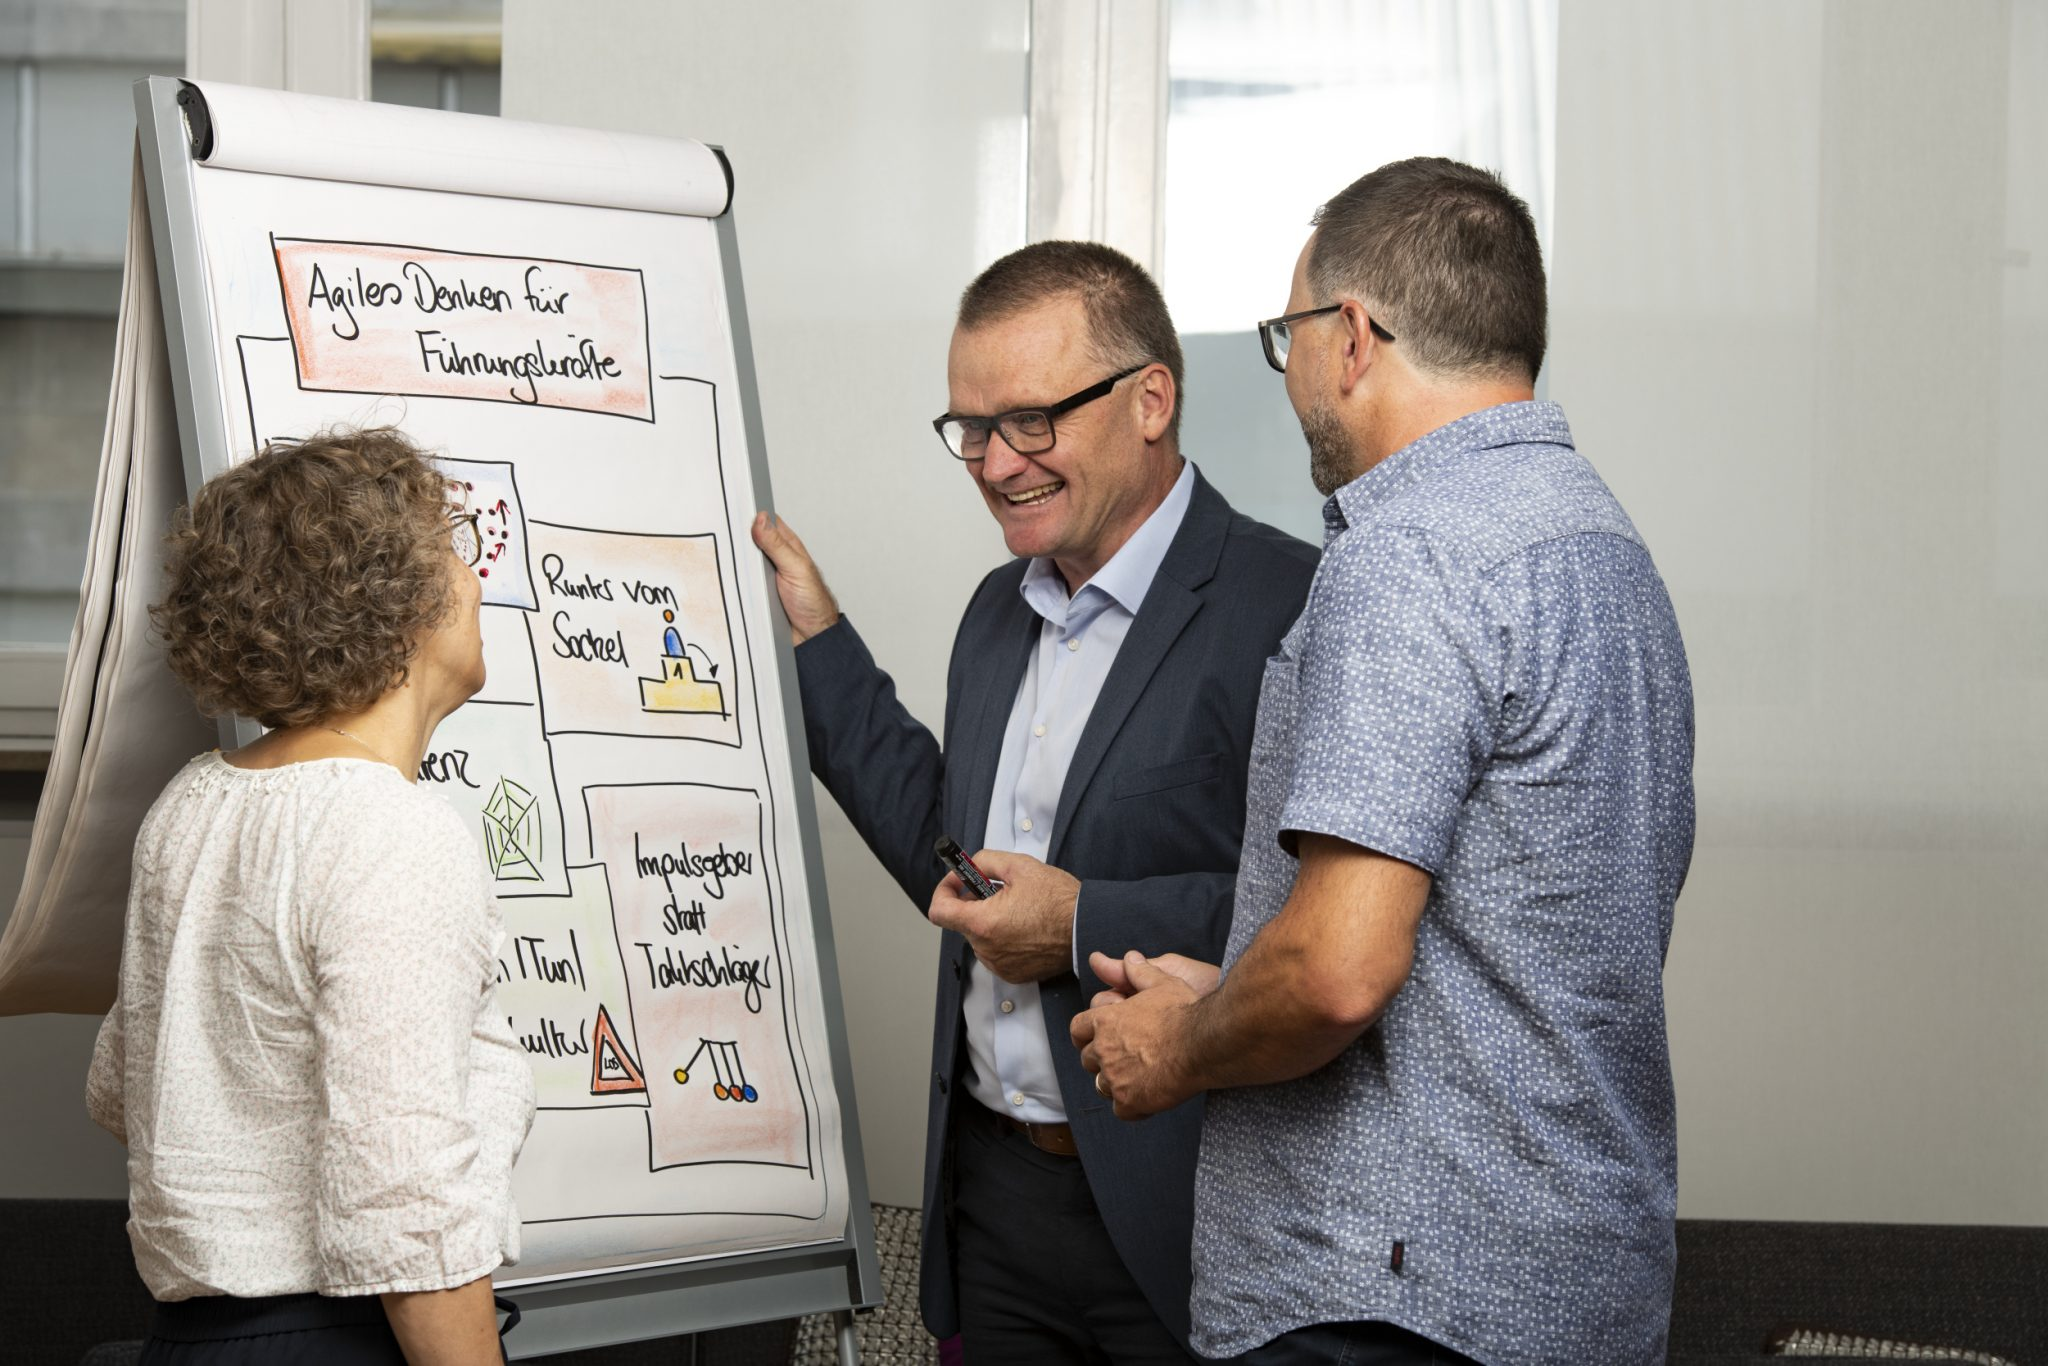 Führungskräftecoaching und Training für Führungskräfte bei Dirk Beiser